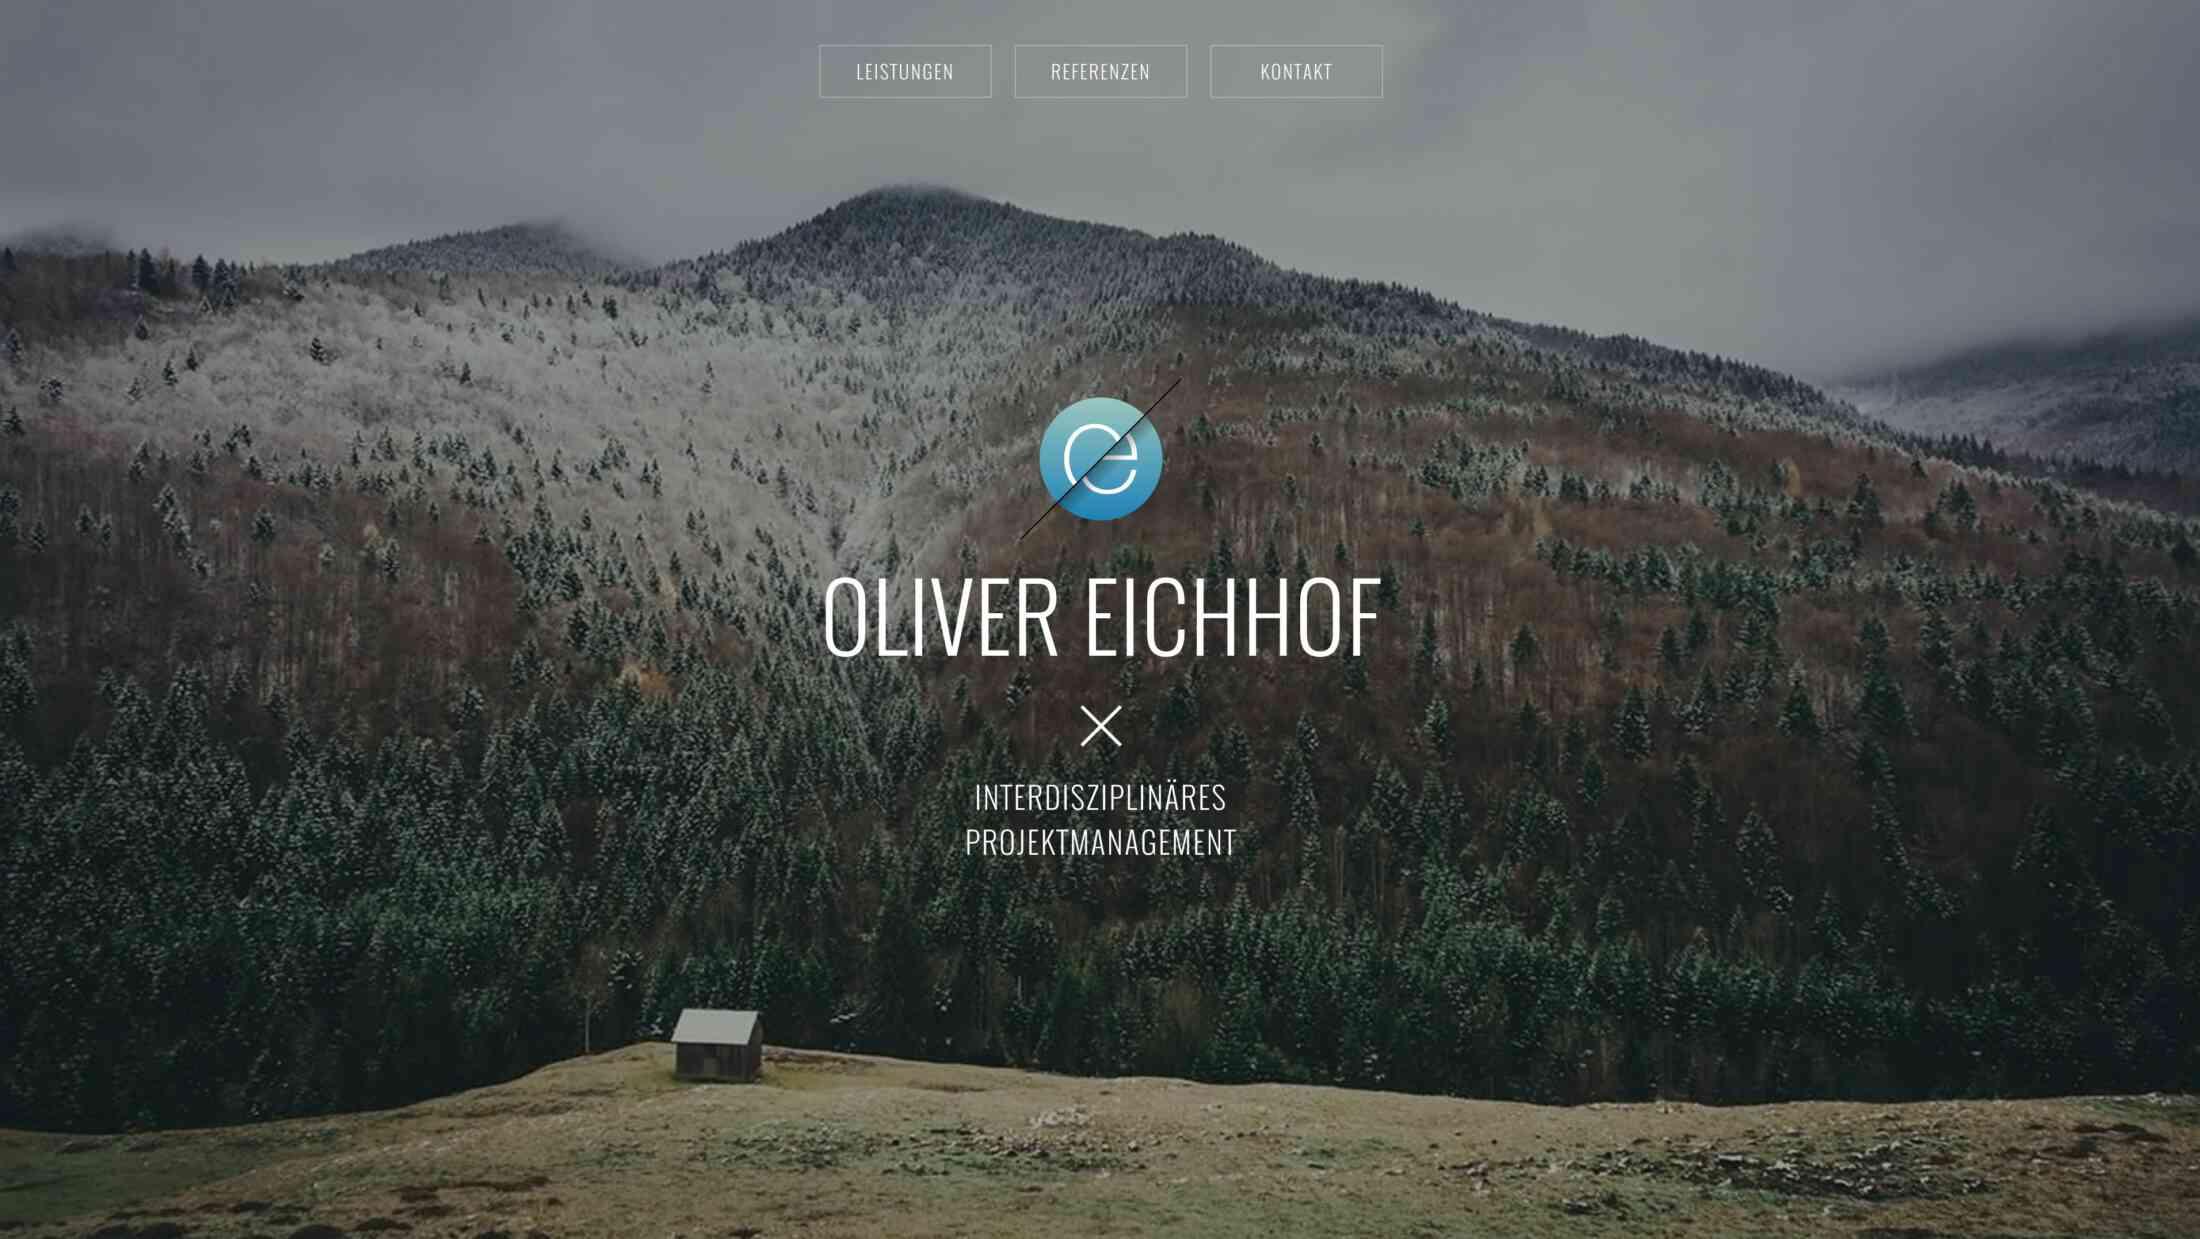 https://www.elfacht.com/uploads/portfolio/_portfolioHd/portfolio_oliver-eichhof.jpg